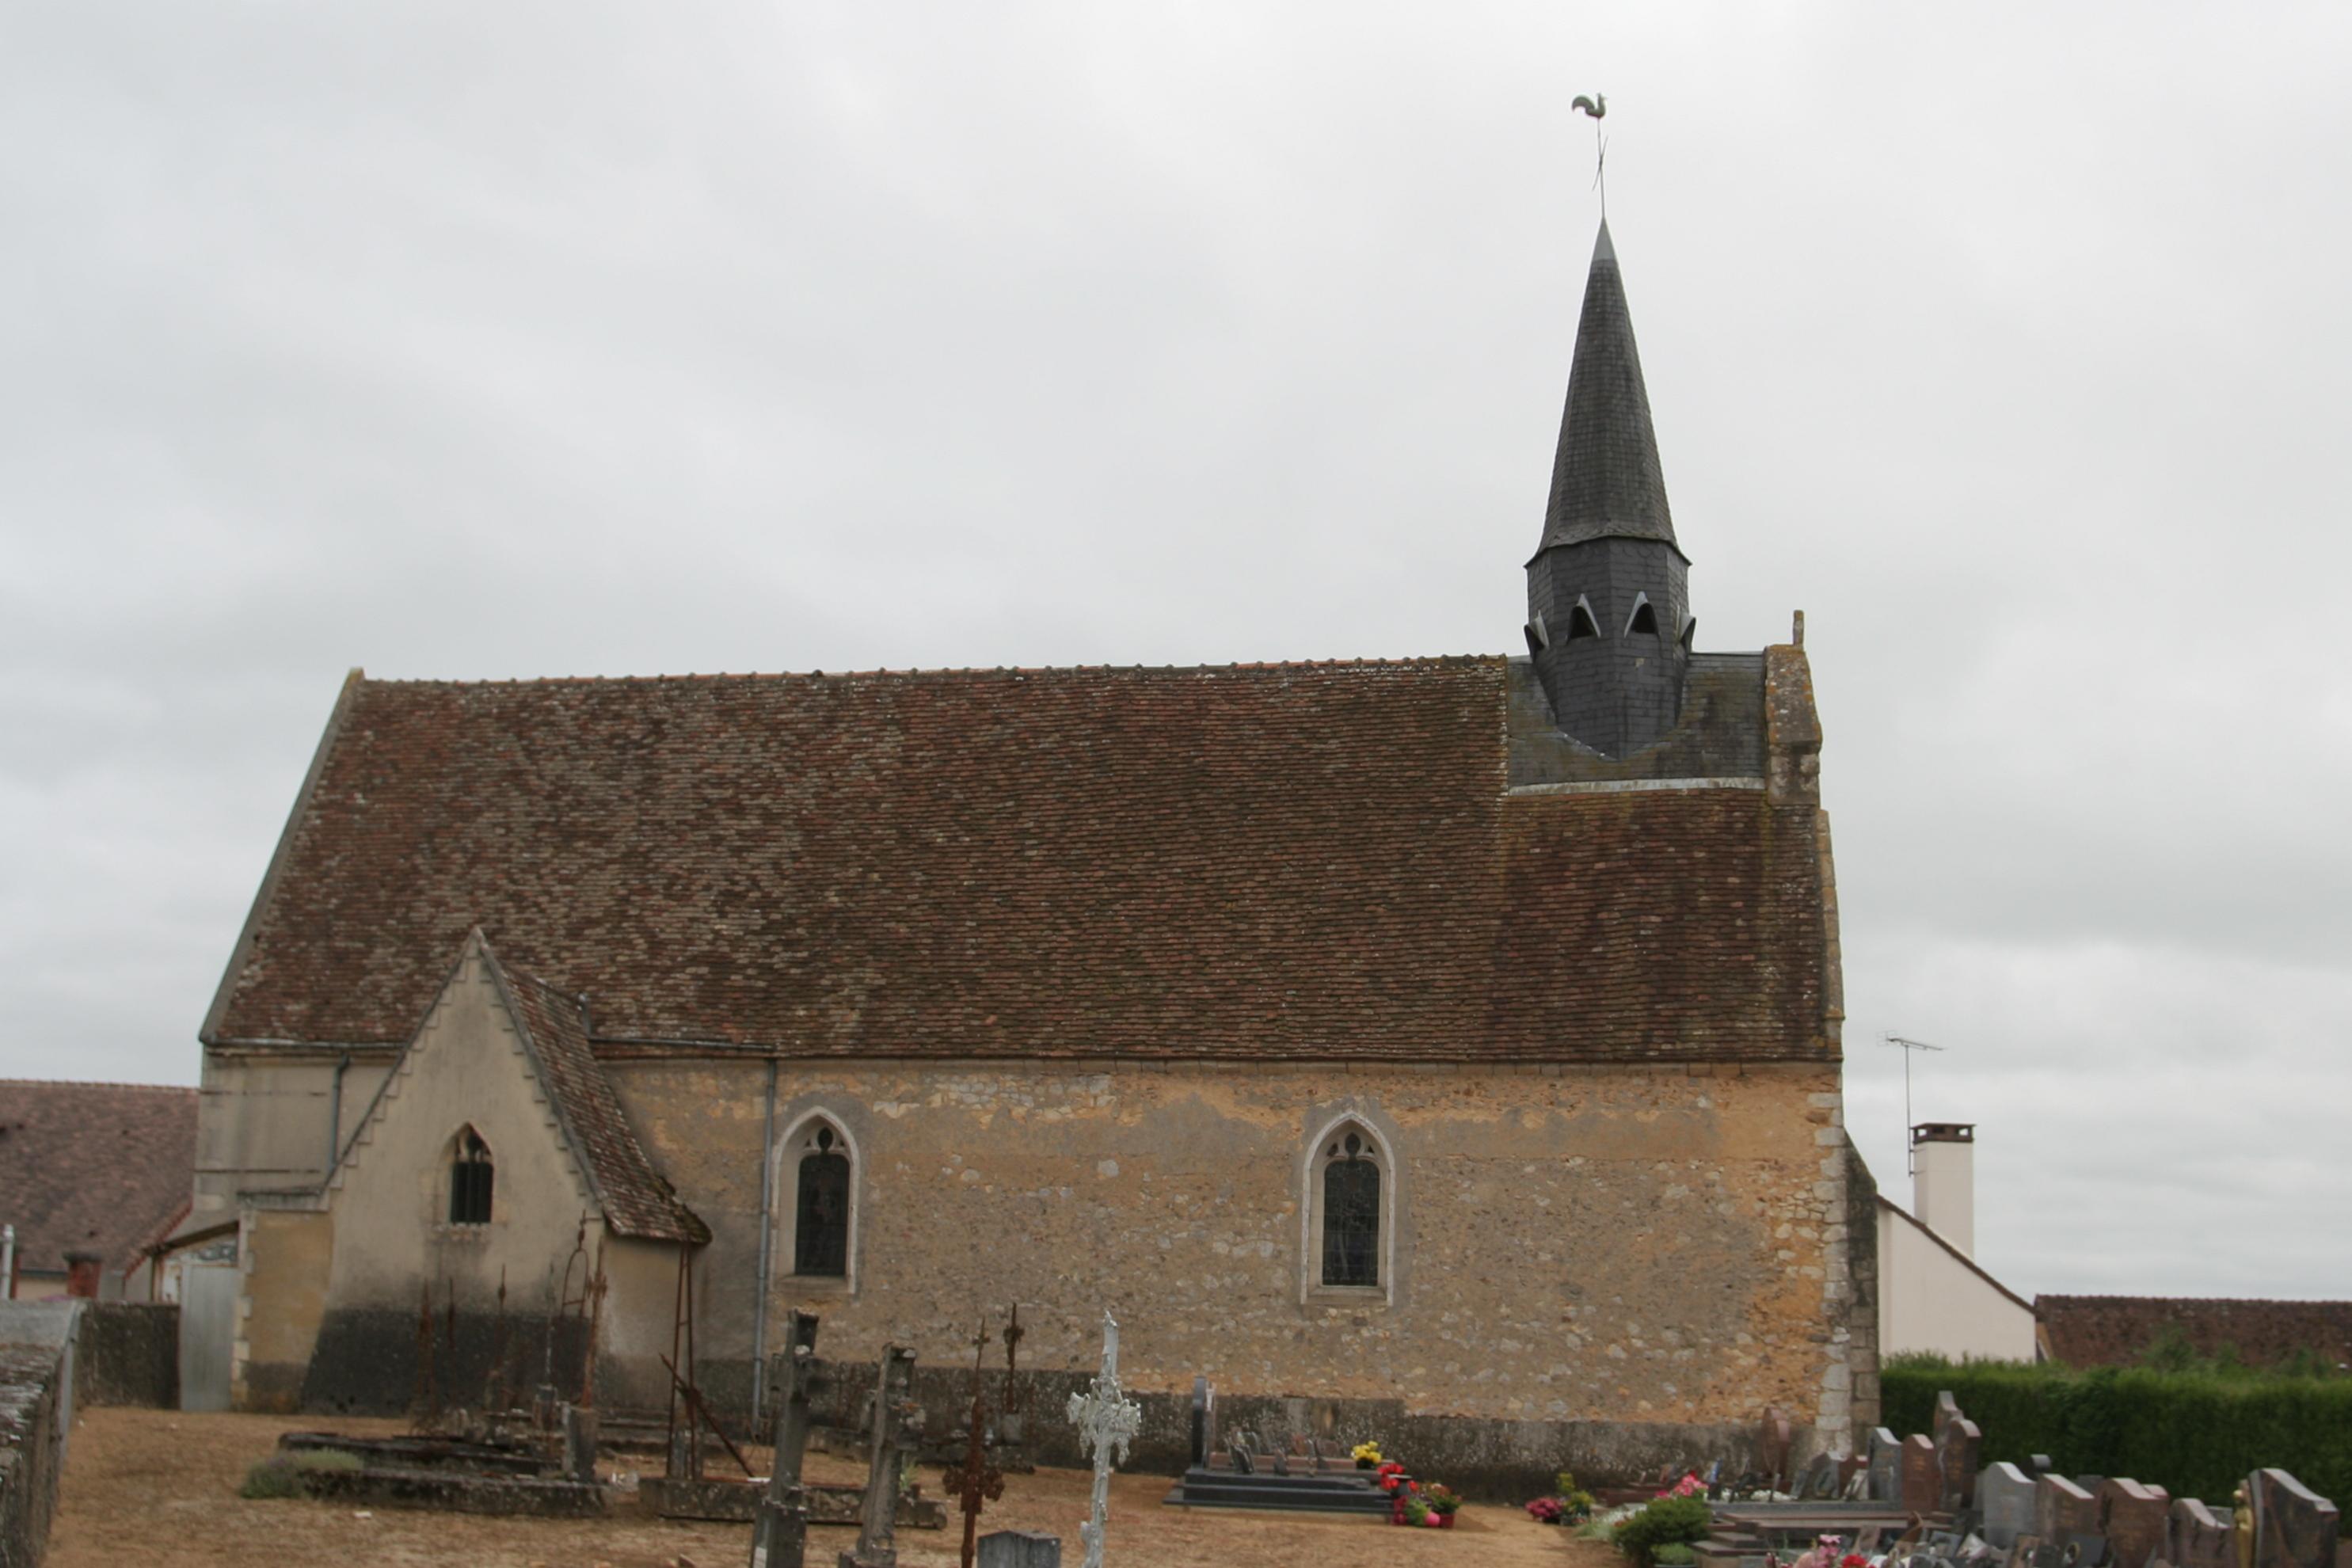 Saint-Hilaire-le-Lierru